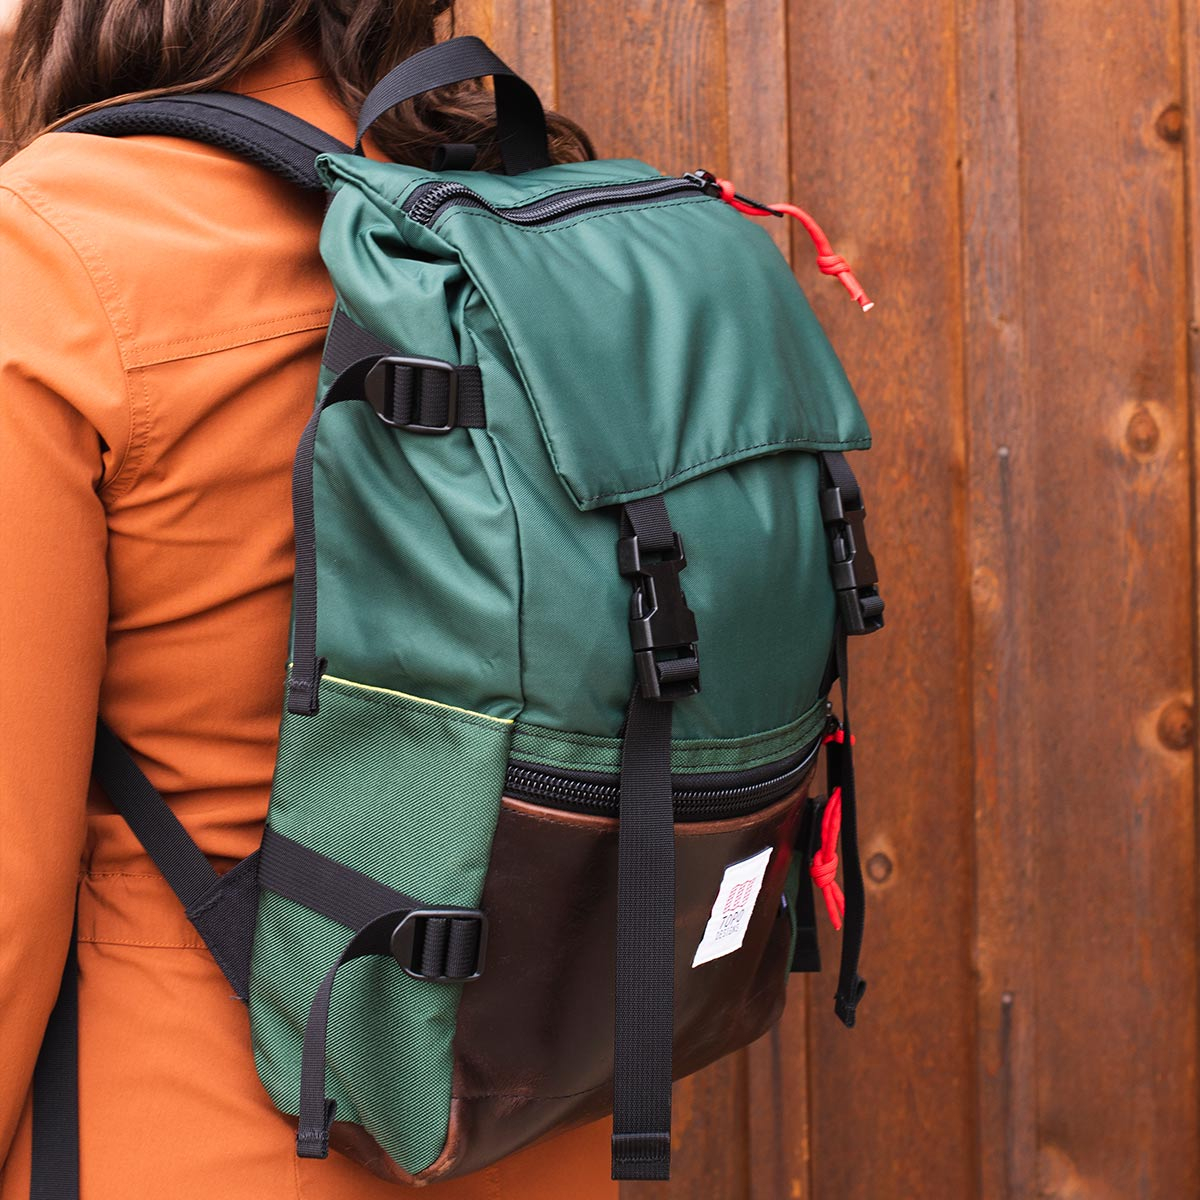 Topo Designs Rover Pack Heritage Forest/Brown Leather, der ideale Rucksack für den täglichen Gebrauch